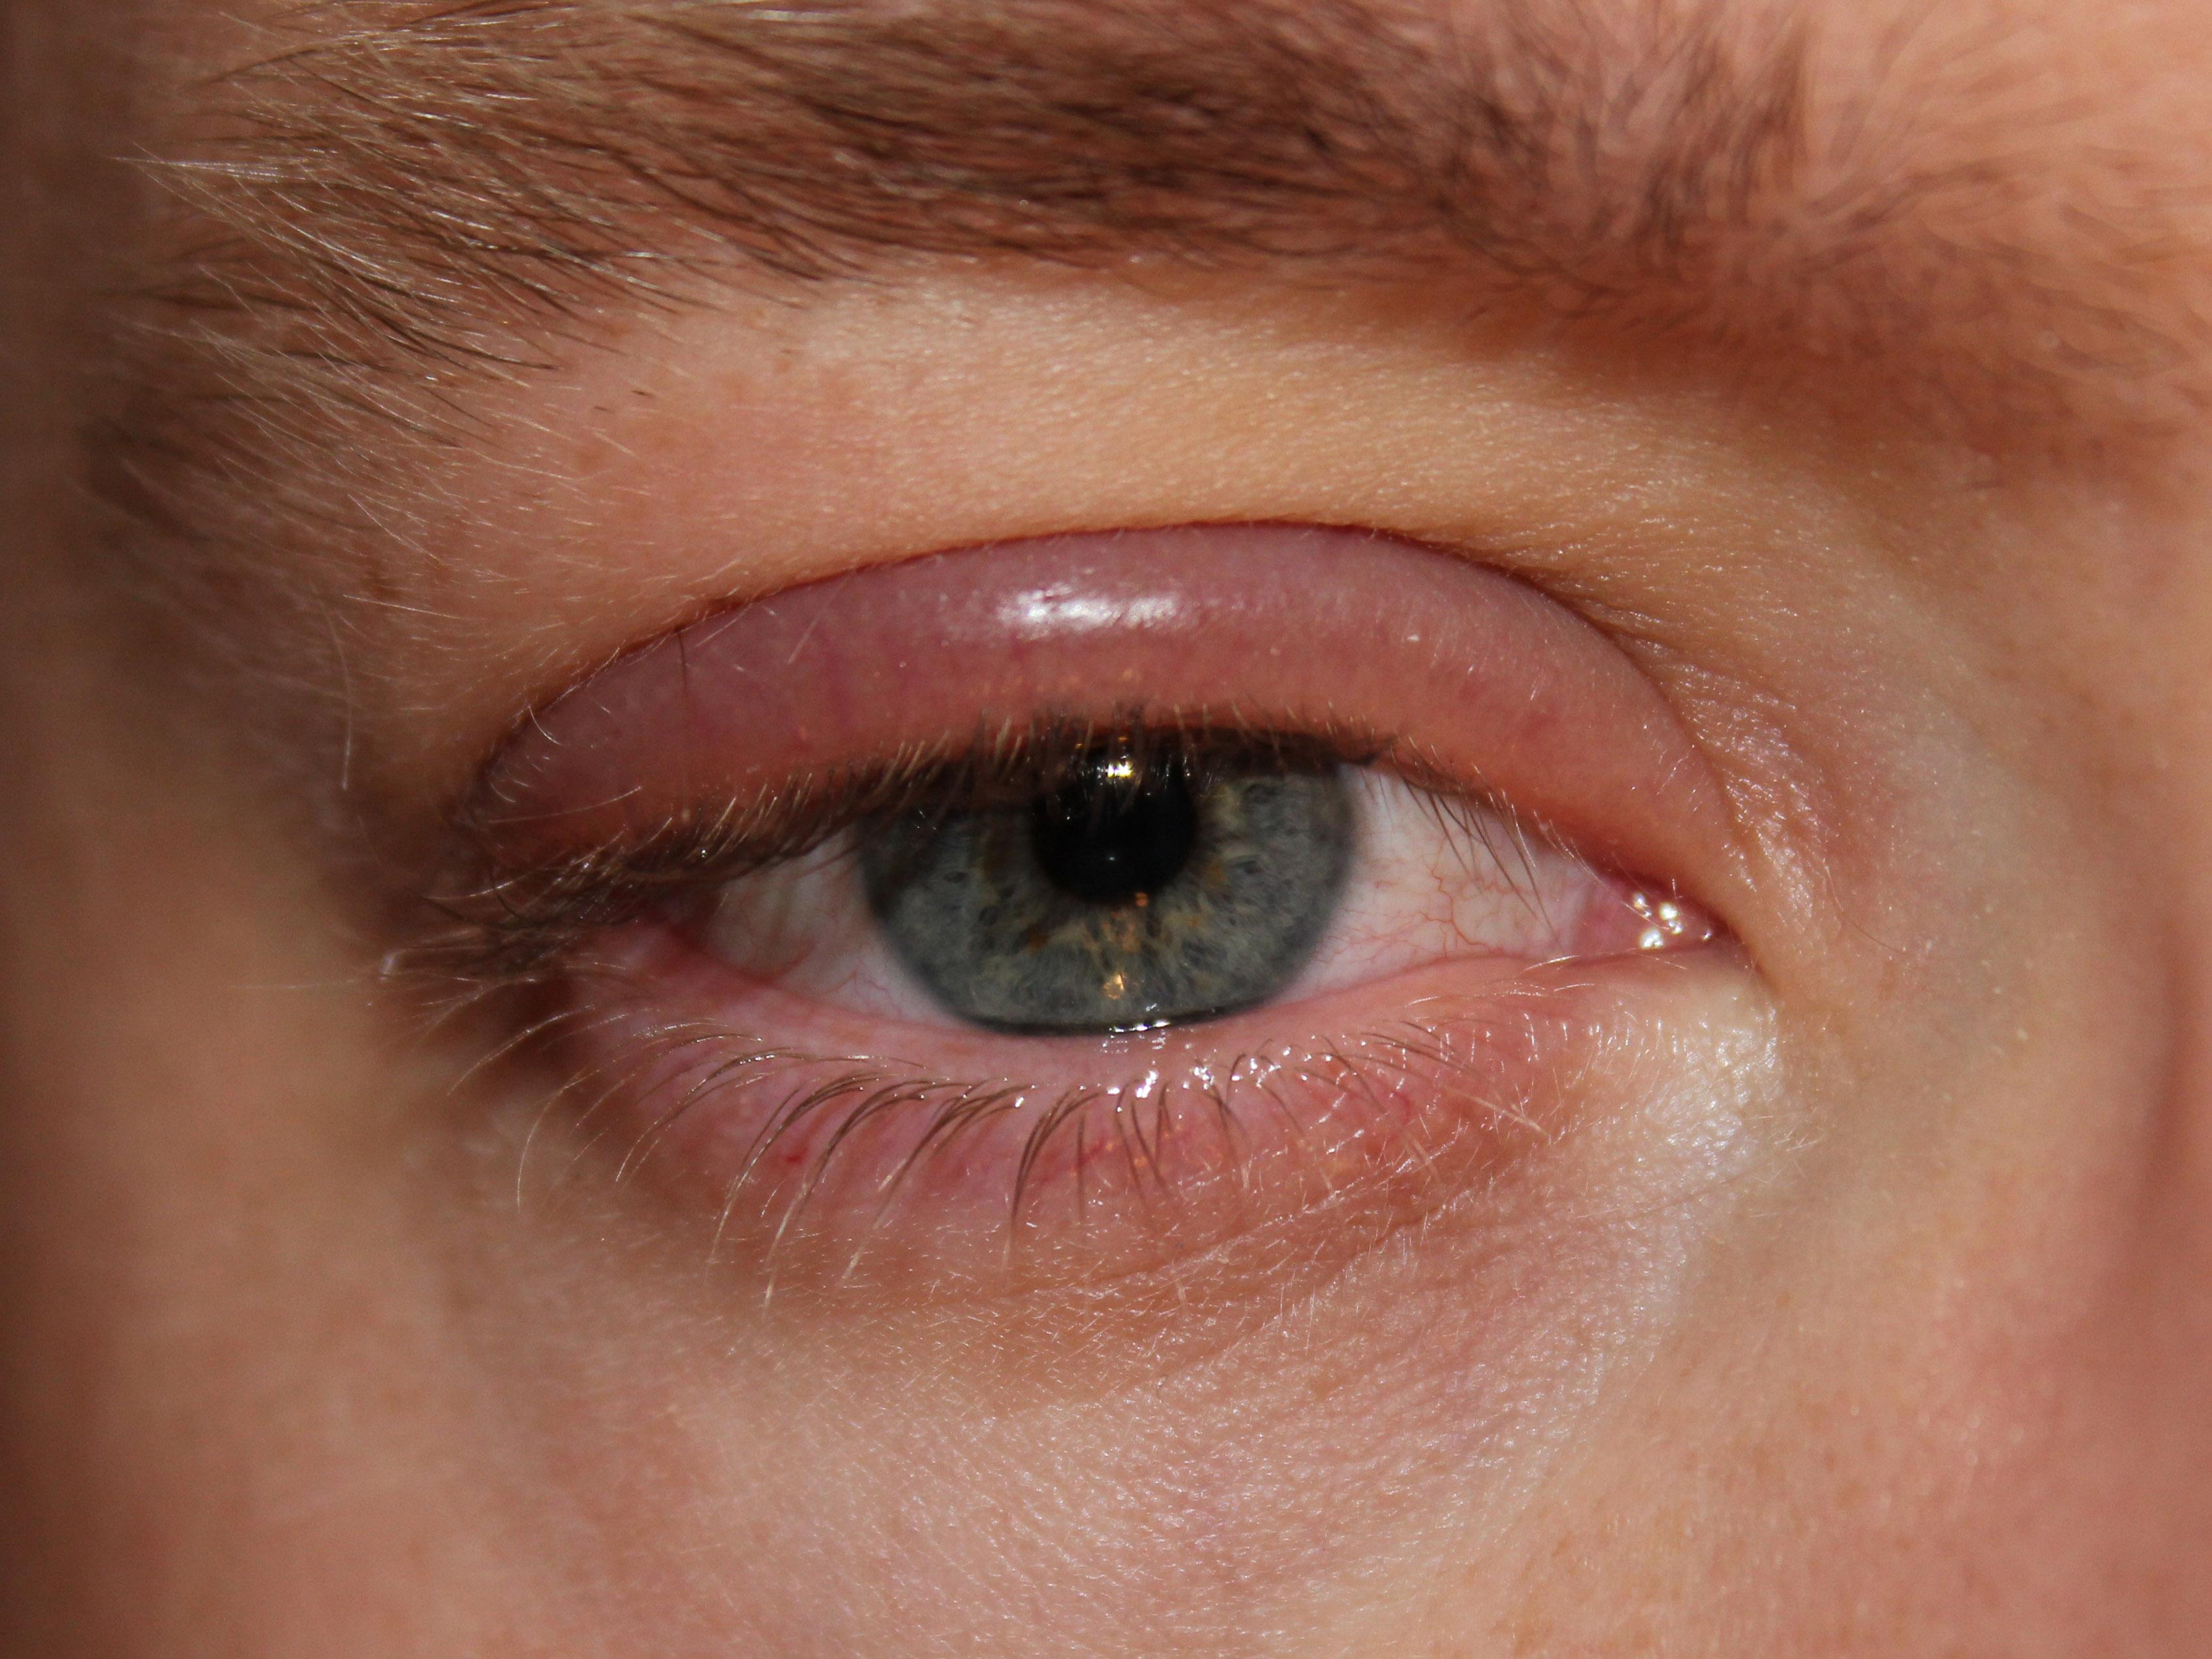 Успех лечения инфекционных офтальмологических заболеваний зависит от своевременного начала лечения и скрупулёзного соблюдения гигиенических привычек